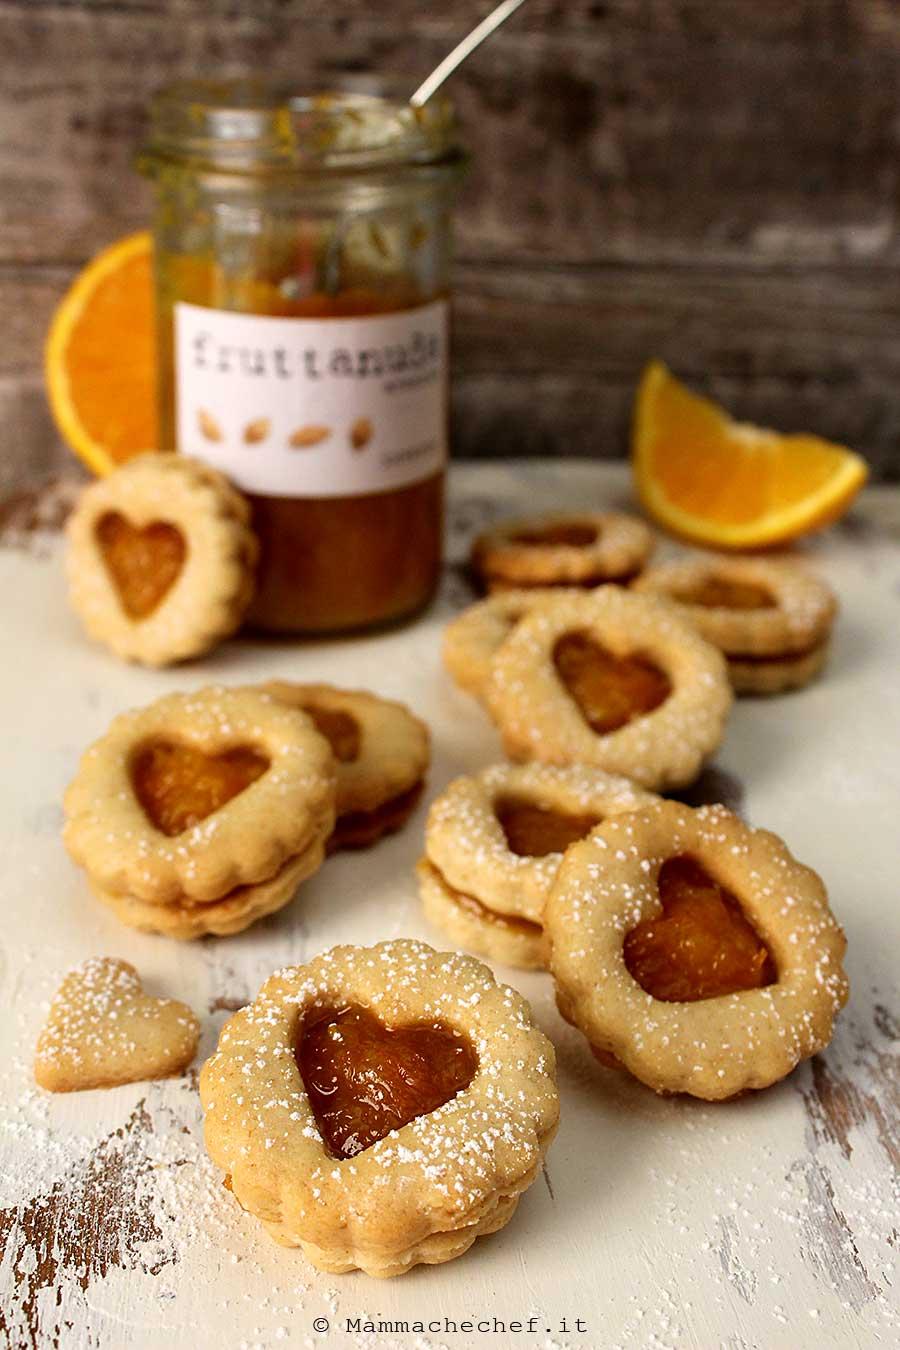 Biscotti con marmellata di arance